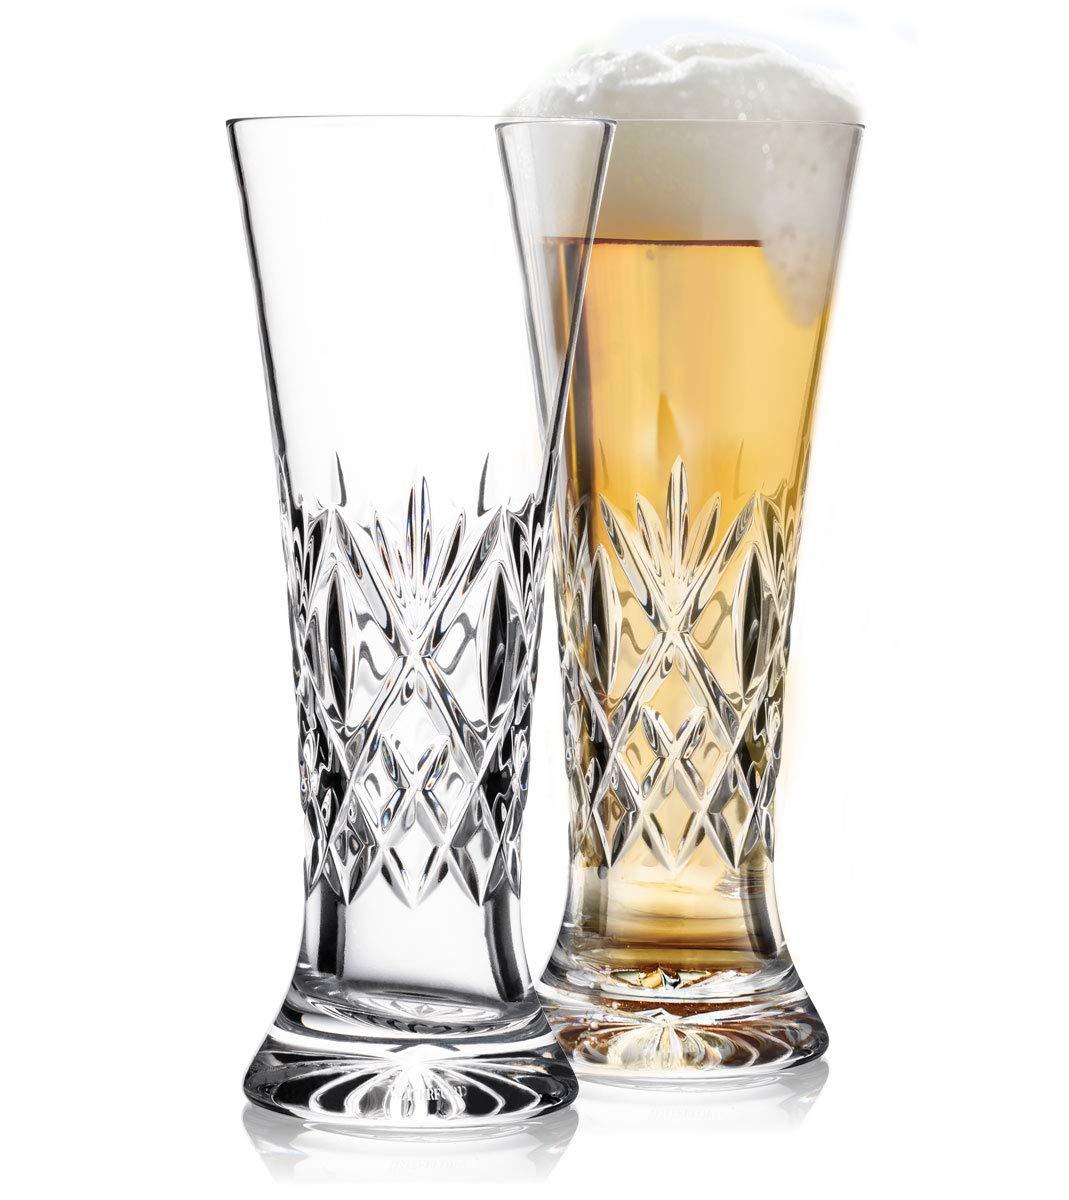 Waterford Crystal Huntley Pilsner Beer Glasses, Pair by Waterford (Image #1)